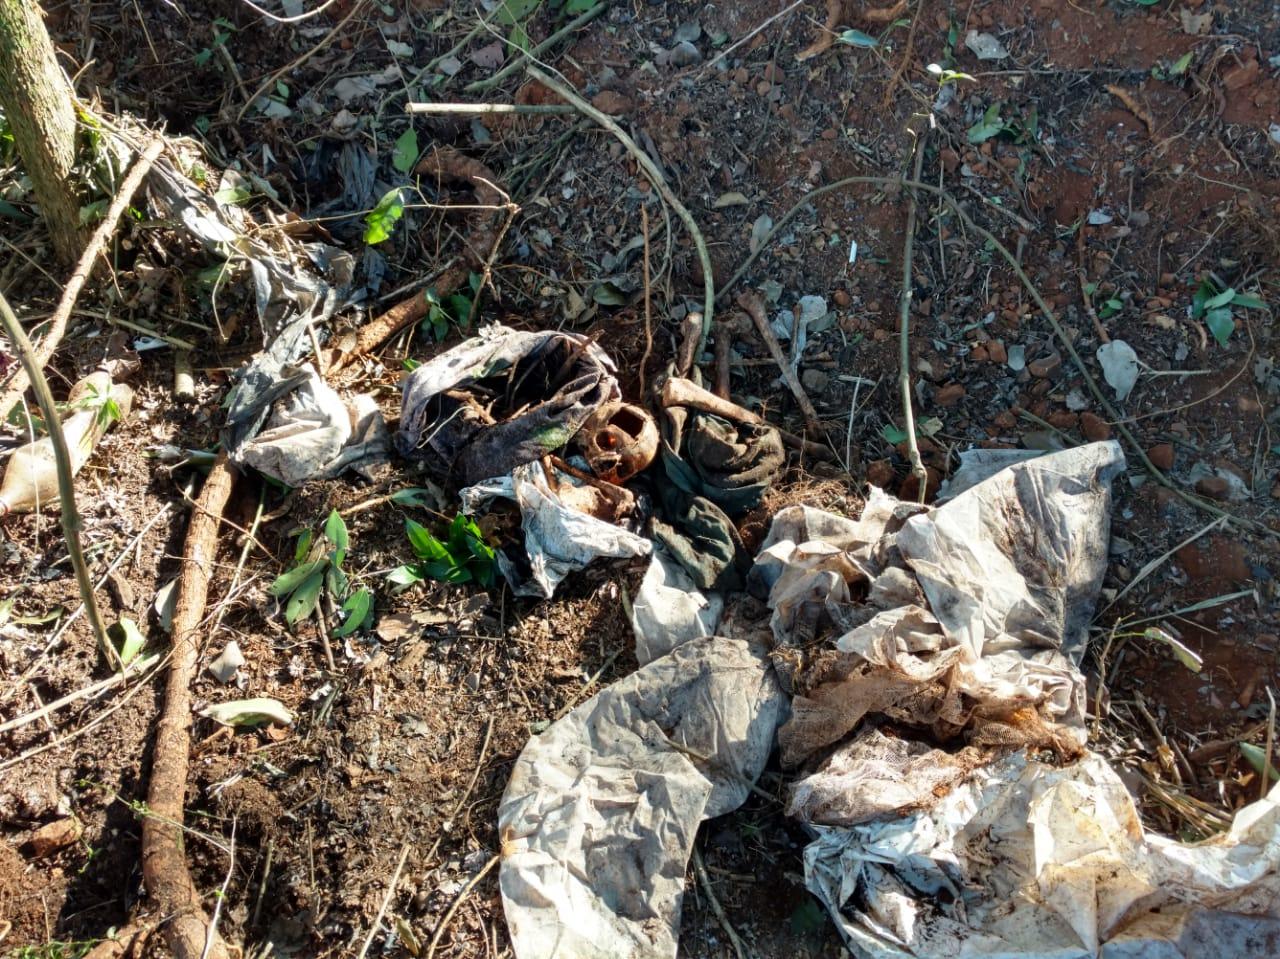 Agricultores encontram ossada humana no interior de São João do Oeste